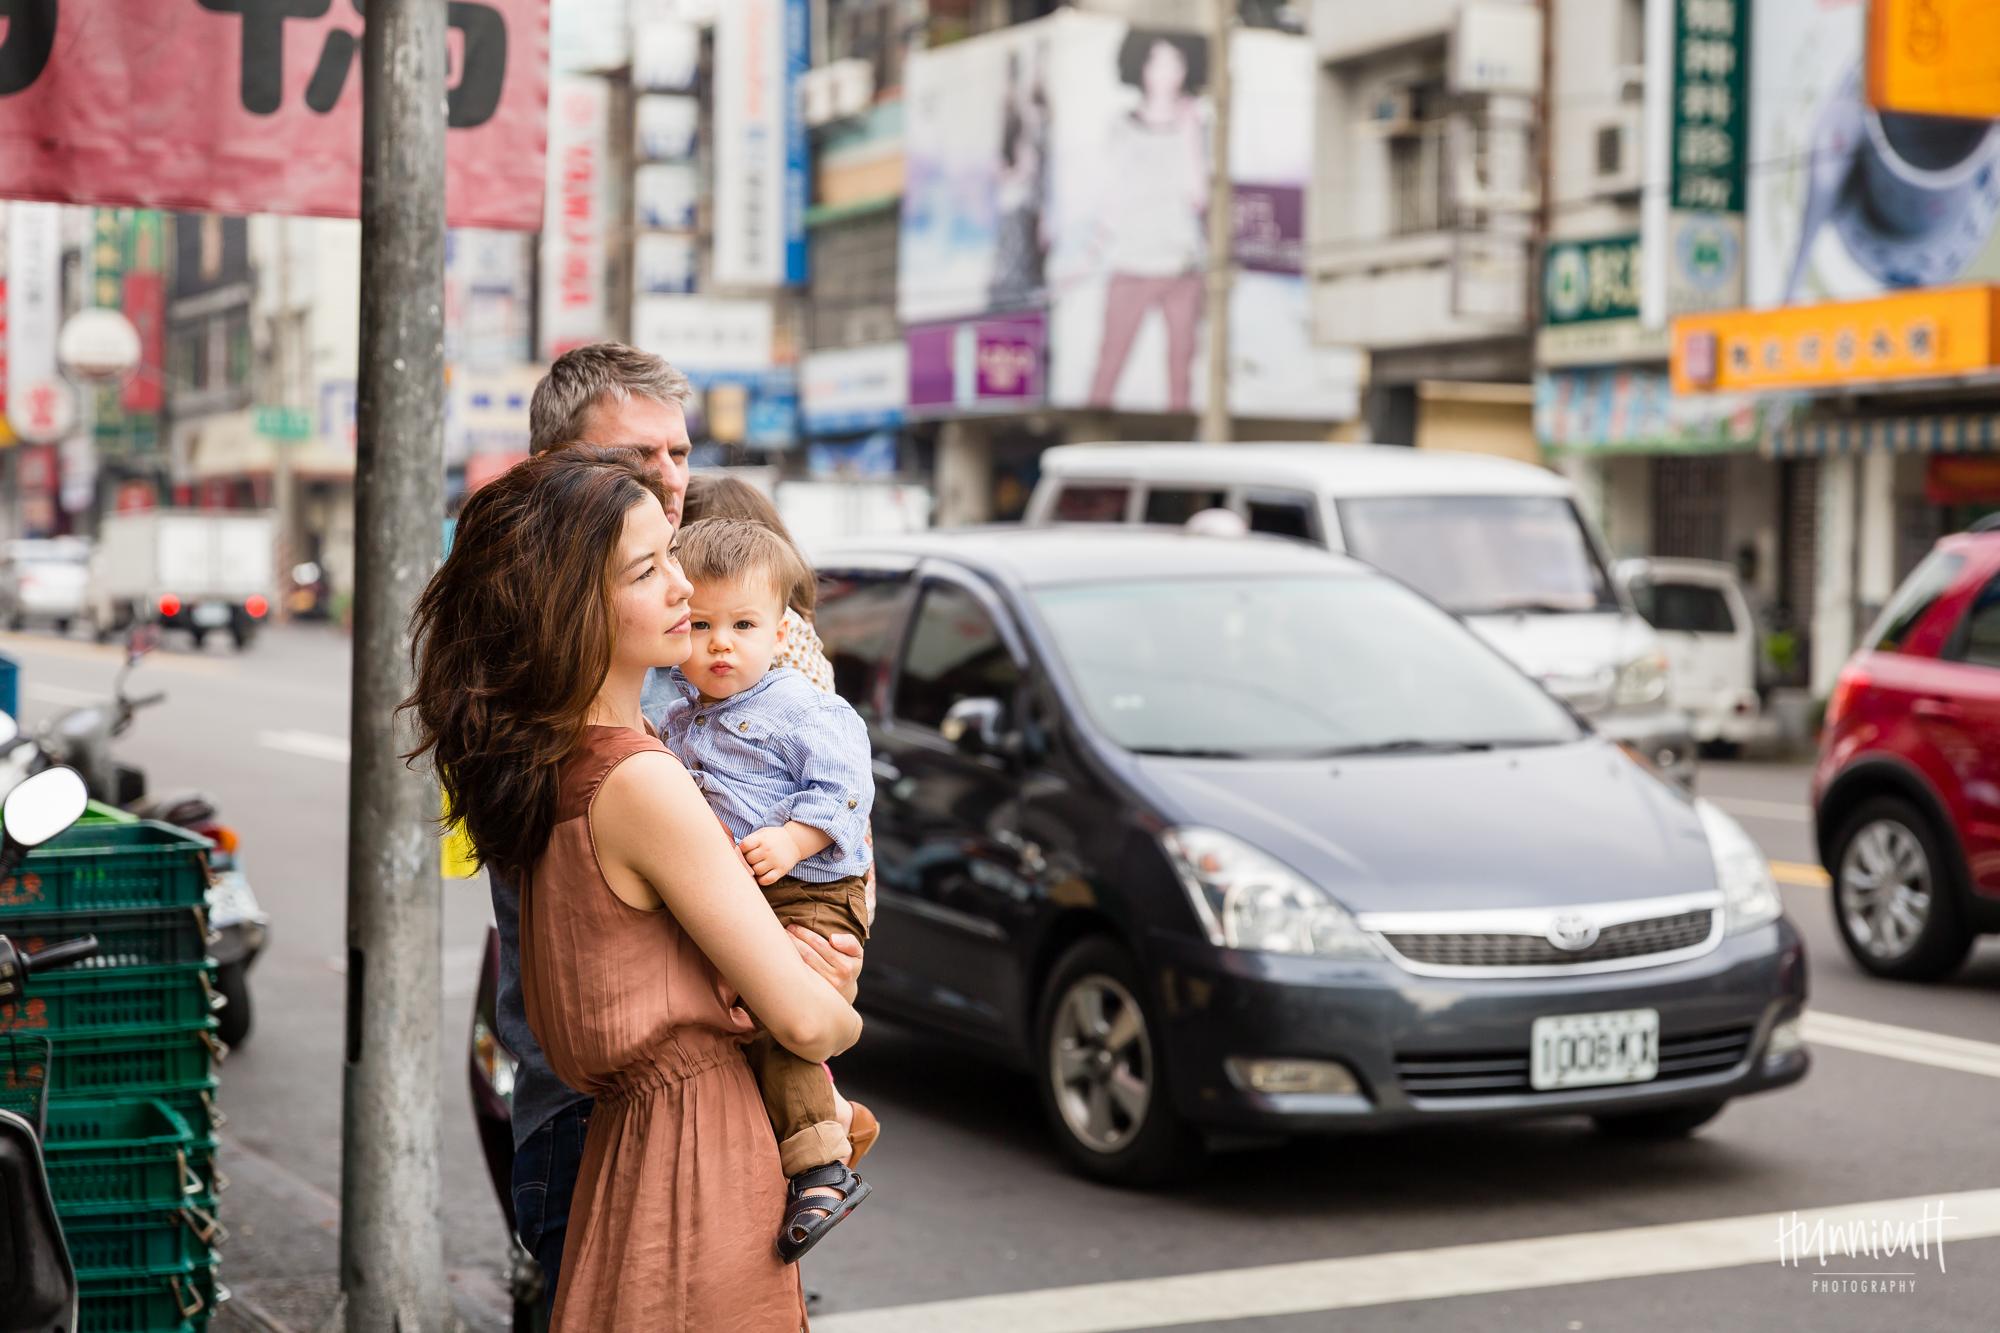 Taiwan-Urban-Lifestle-Duck-Family-HunnicuttPHotography-26